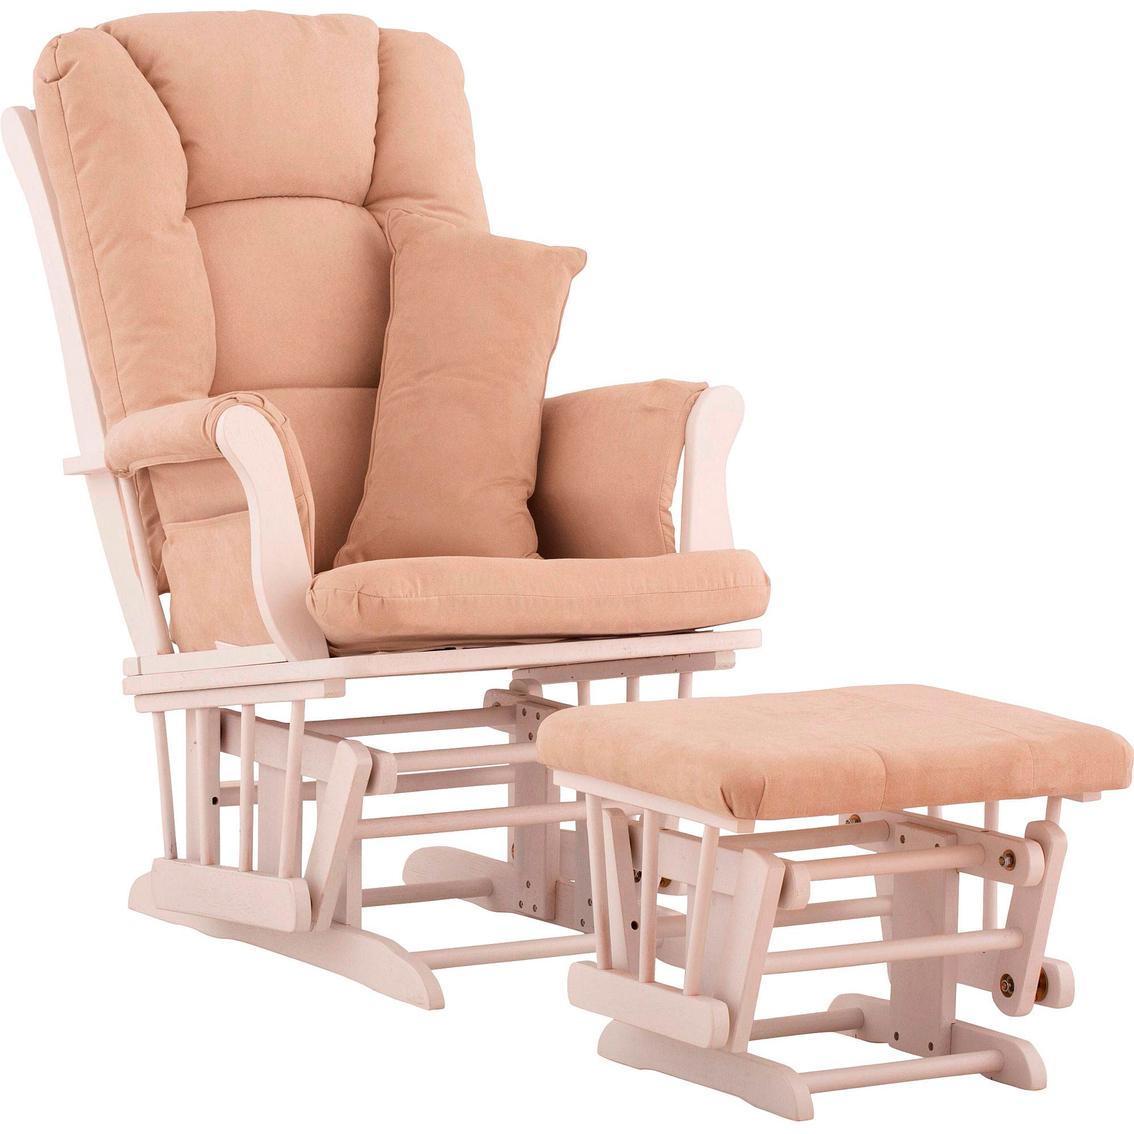 Storkcraft tuscany glider and ottoman rockers gliders for Stork craft tuscany glider rocking chair ottoman